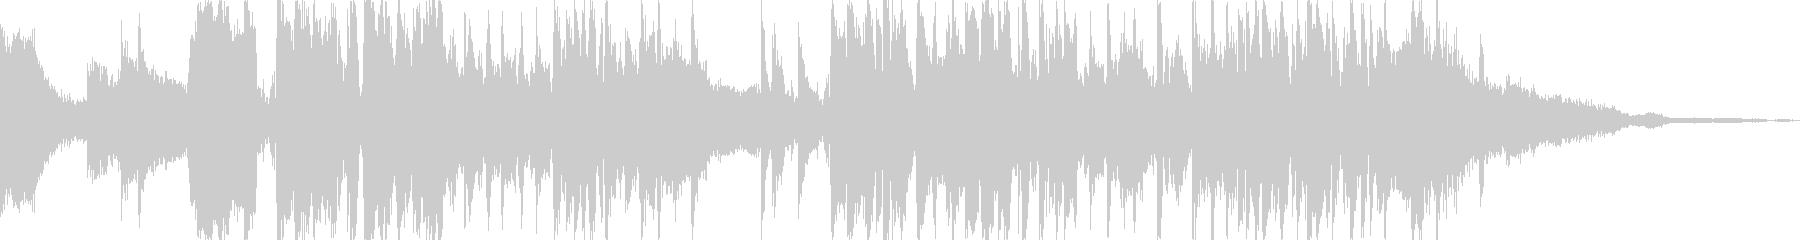 アンビエント 説明的 静か エレキ...の未再生の波形